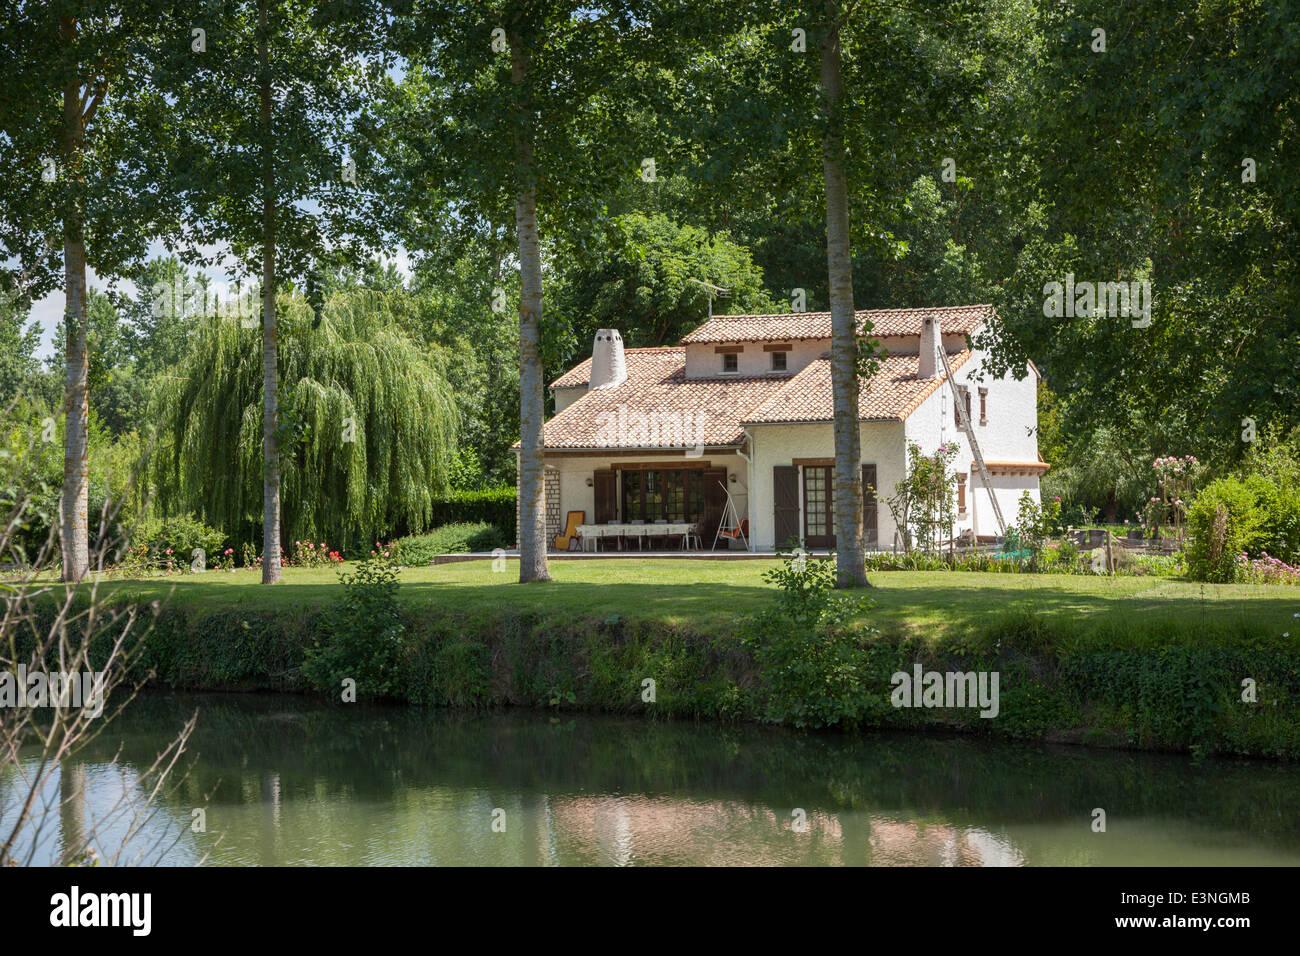 In der Nähe von Coulon (Frankreich), eine moderne Hütte vom Fluss ...